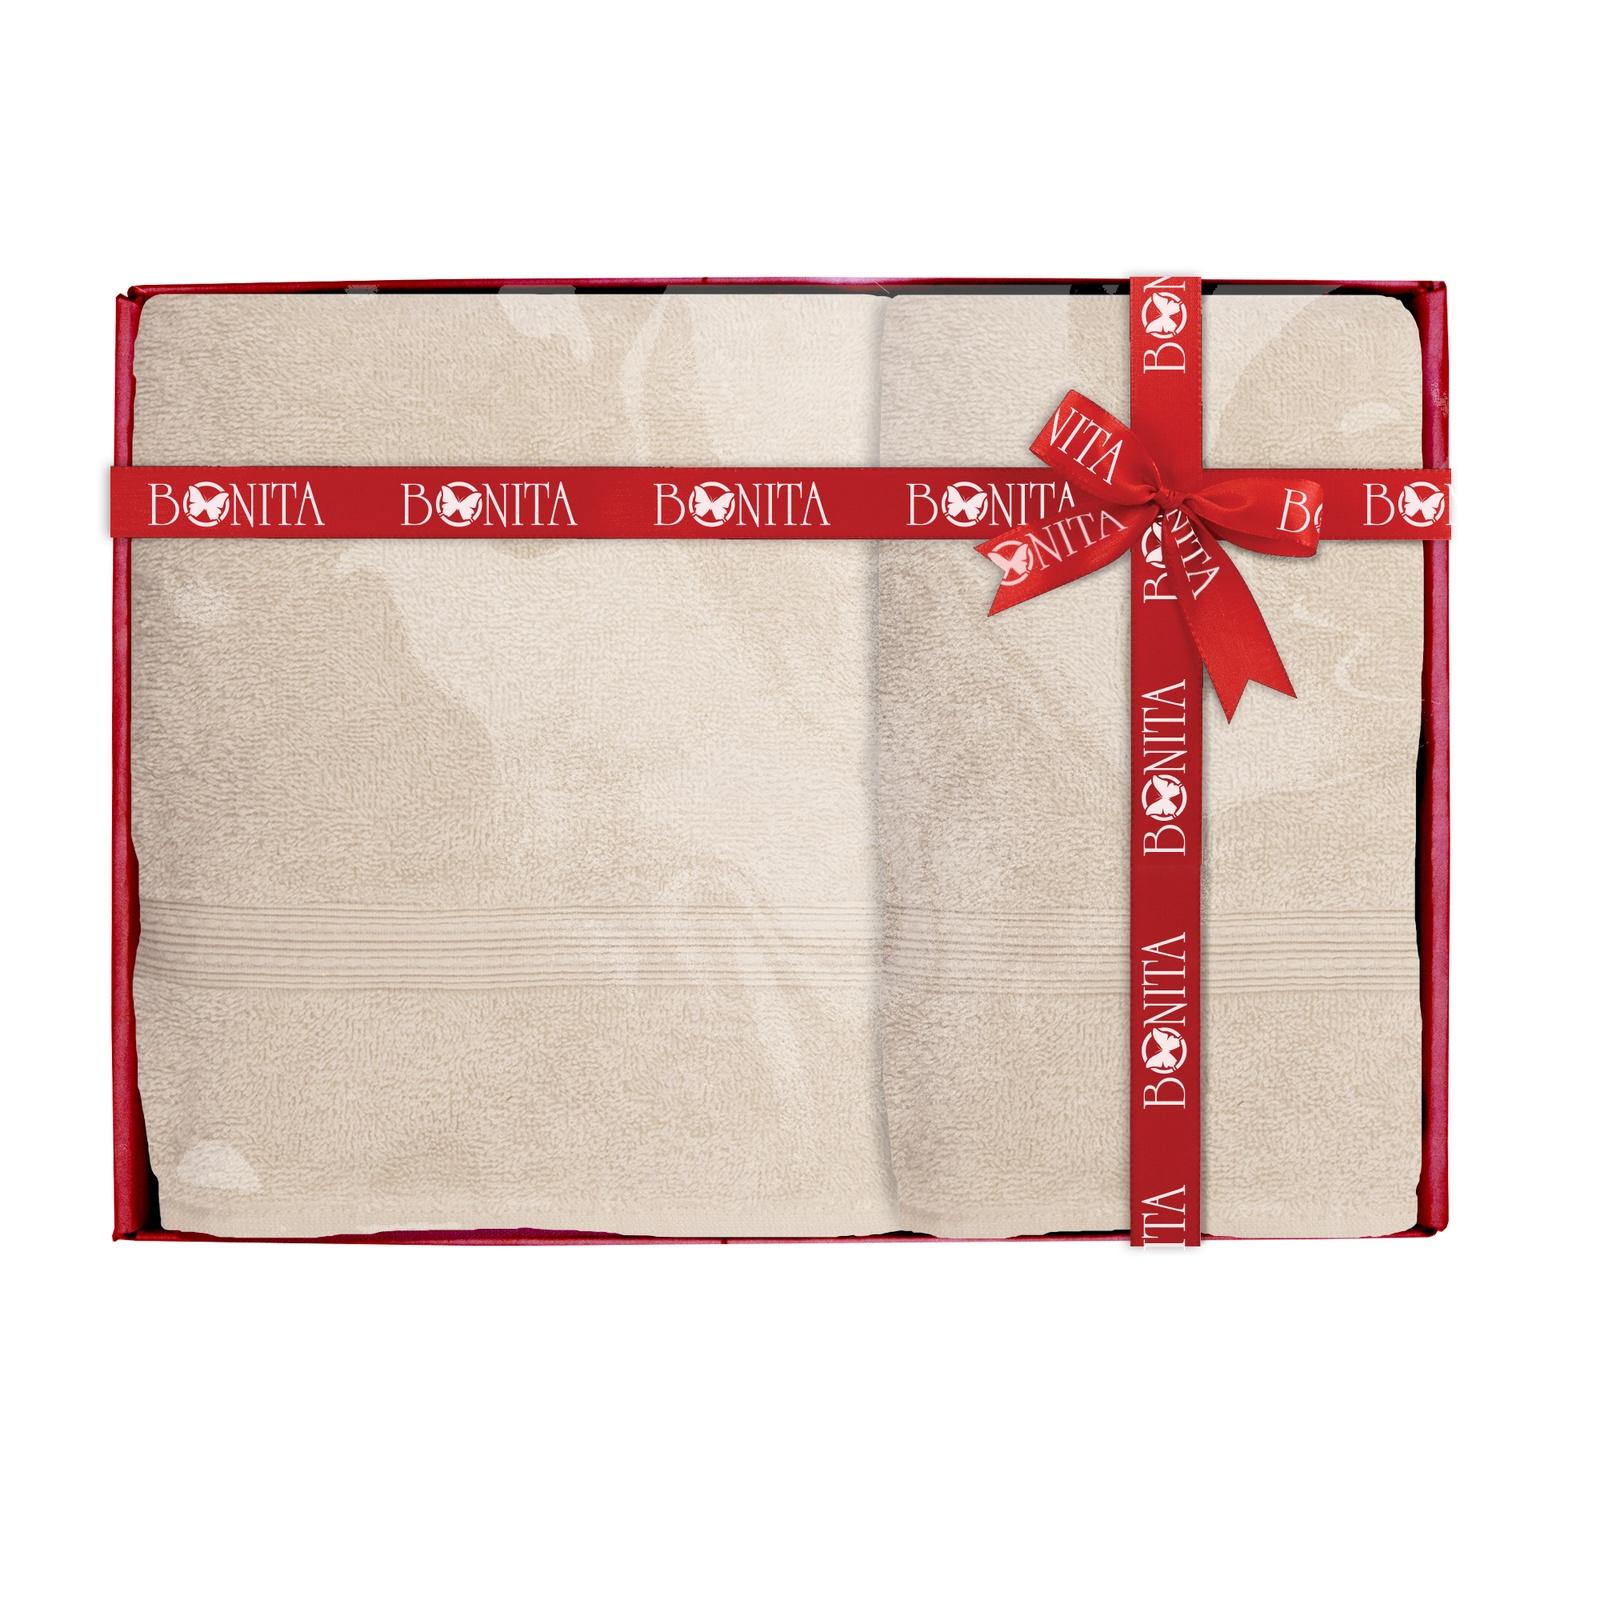 Полотенце банное Bonita Classic махровое, 21011218280, бежевый, 2 шт набор банных полотенец bonita classic цвет светло бежевый 70 х 140 см 2 шт